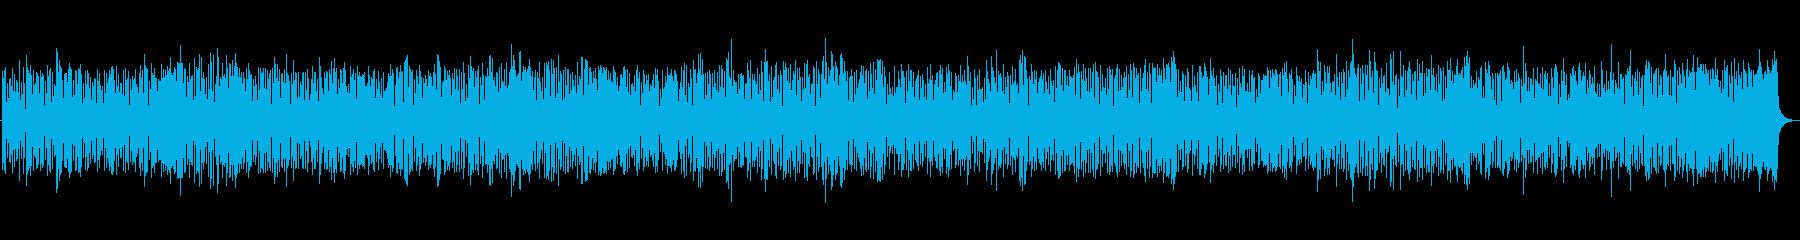 ズンチャズンチャ日常シンプルジャズピアノの再生済みの波形